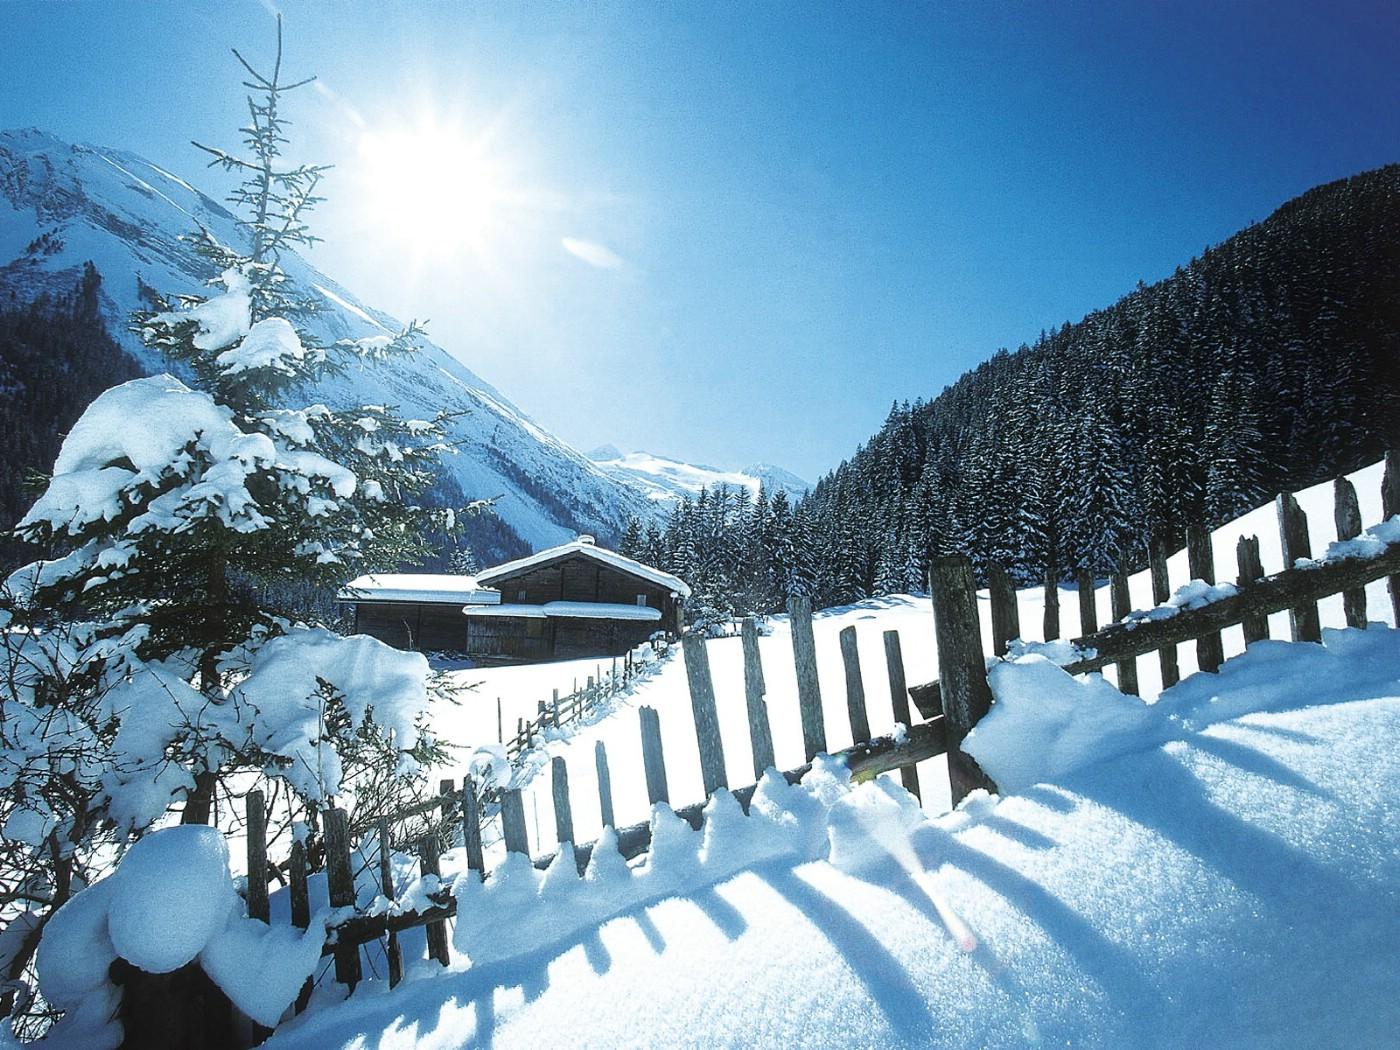 壁纸1400×1050滑雪圣地 阿尔卑斯山度假壁纸 雪山小屋图片壁纸壁纸 滑雪圣地阿尔卑斯山度假壁纸壁纸图片人文壁纸人文图片素材桌面壁纸